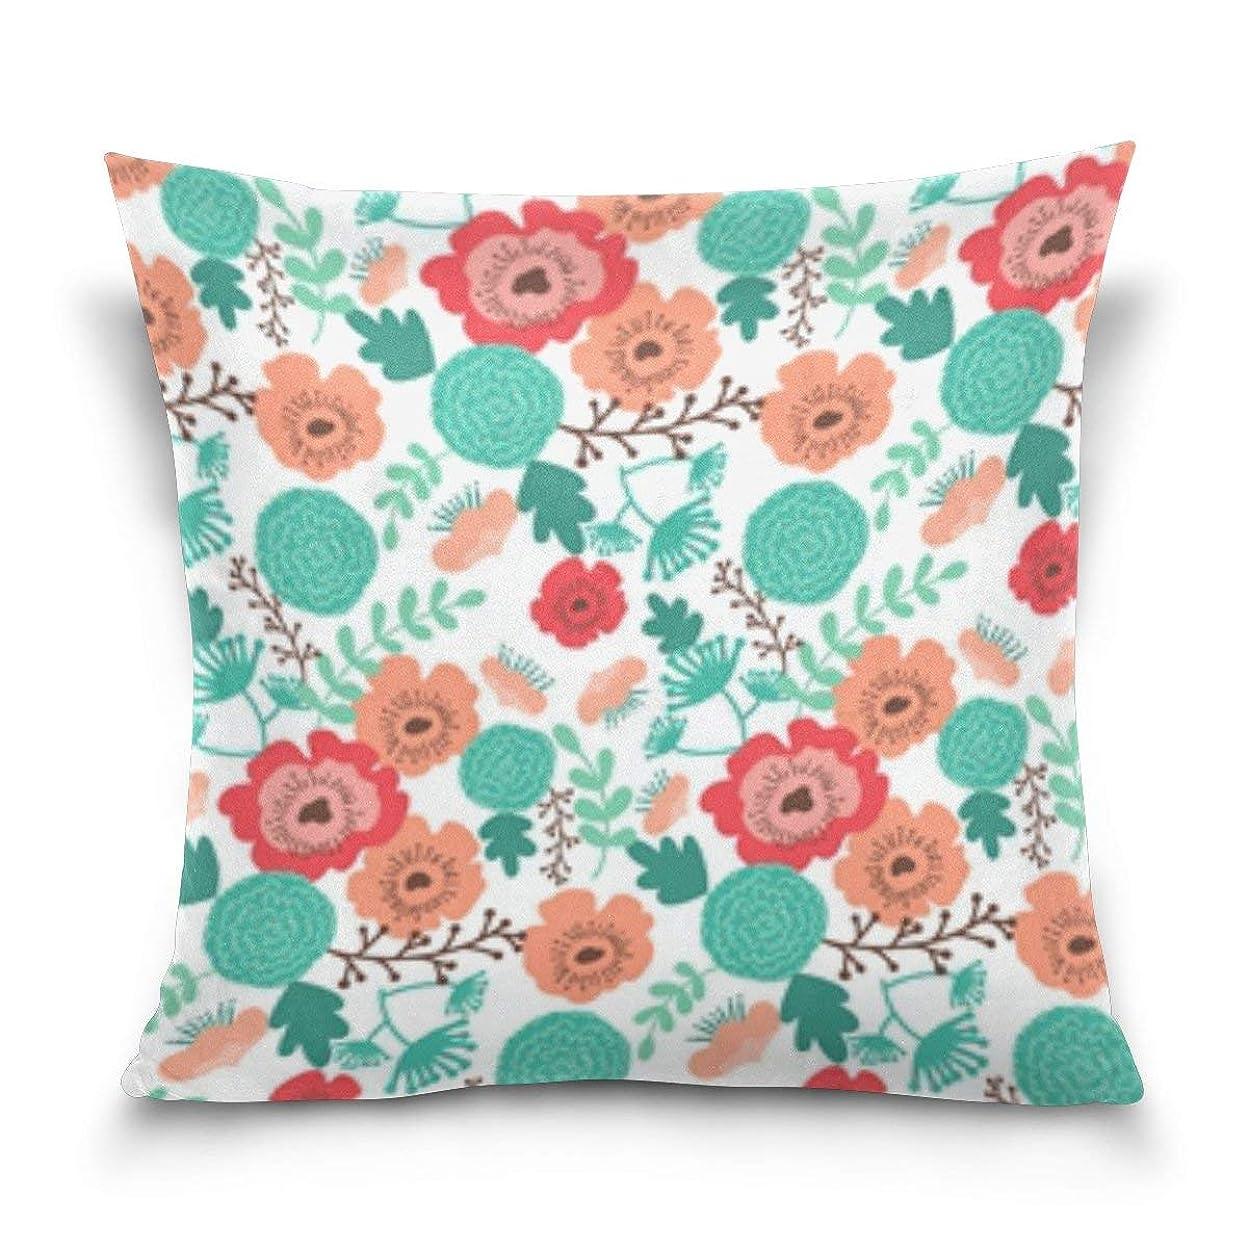 無し親愛な気取らないカラフルなサンゴ花柄スロー枕カバーポリエステルクッションケース用ホームソファ寝室車の椅子ハウスパーティー屋内屋外20x20インチ